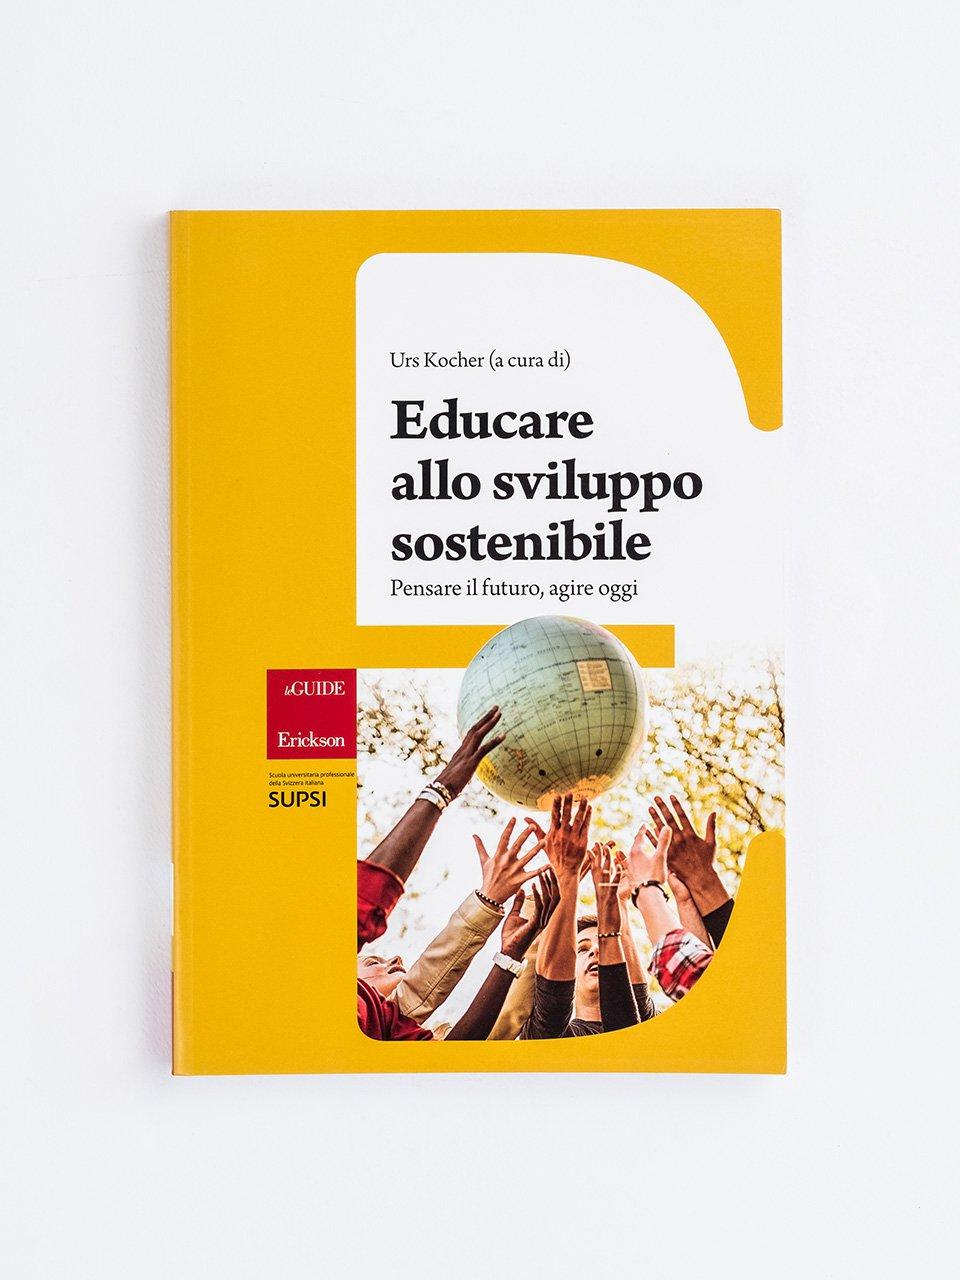 Educare allo sviluppo sostenibile - Conversazioni sull'educazione - Libri - Erickson